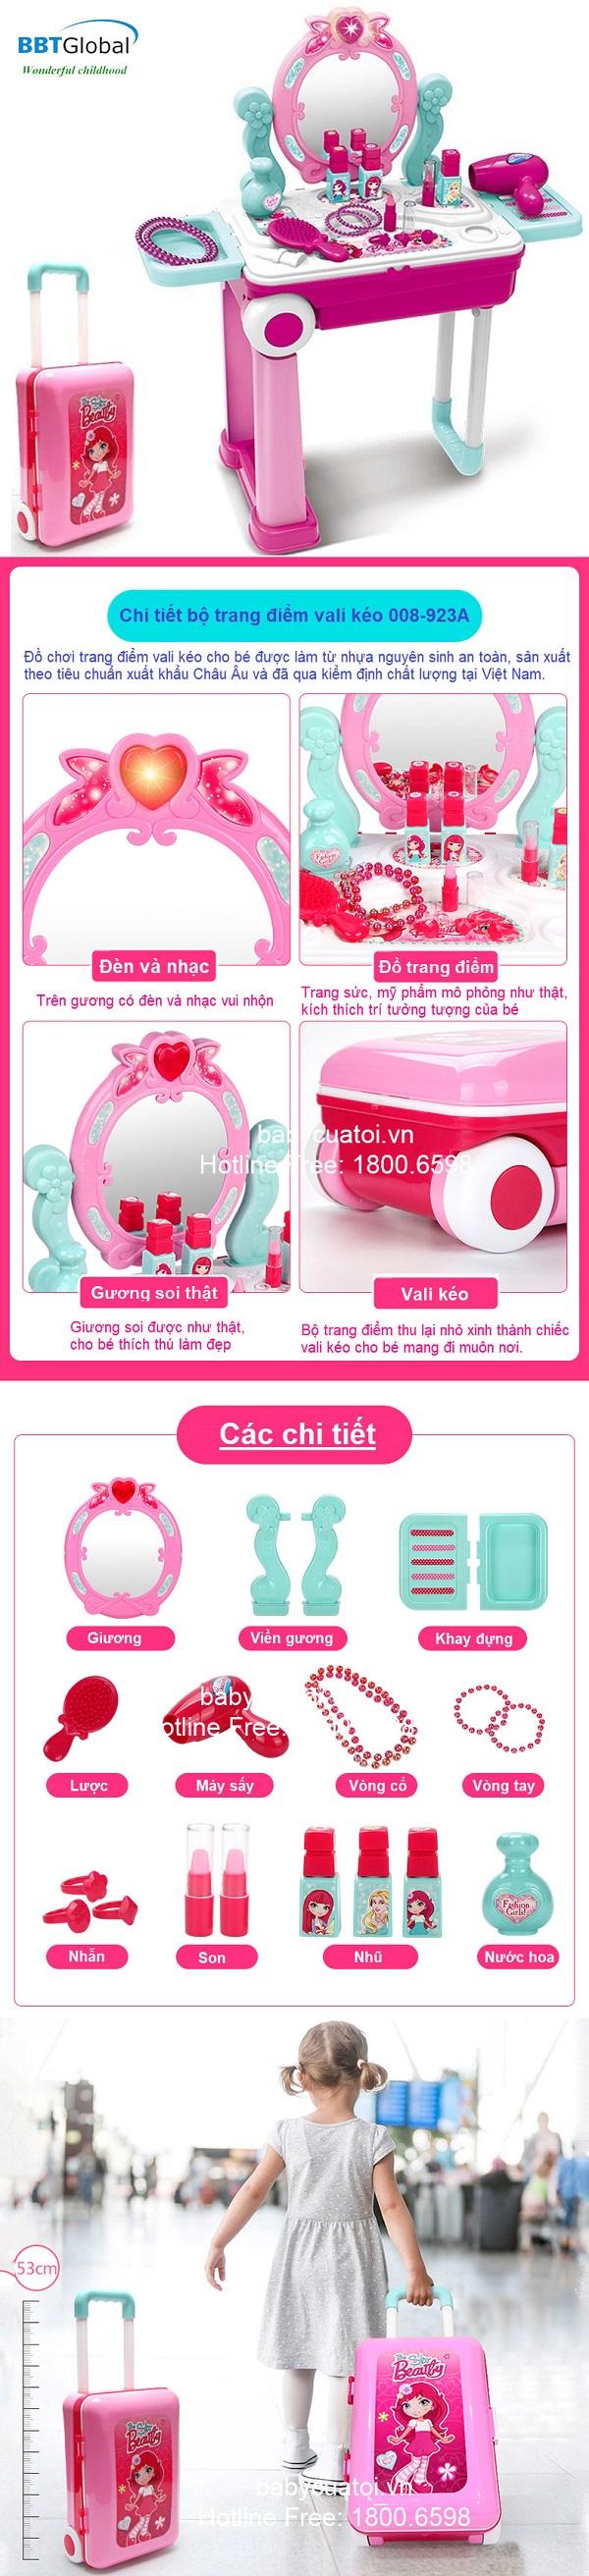 008-923a-do-choi-trang-diem-cho-be-600